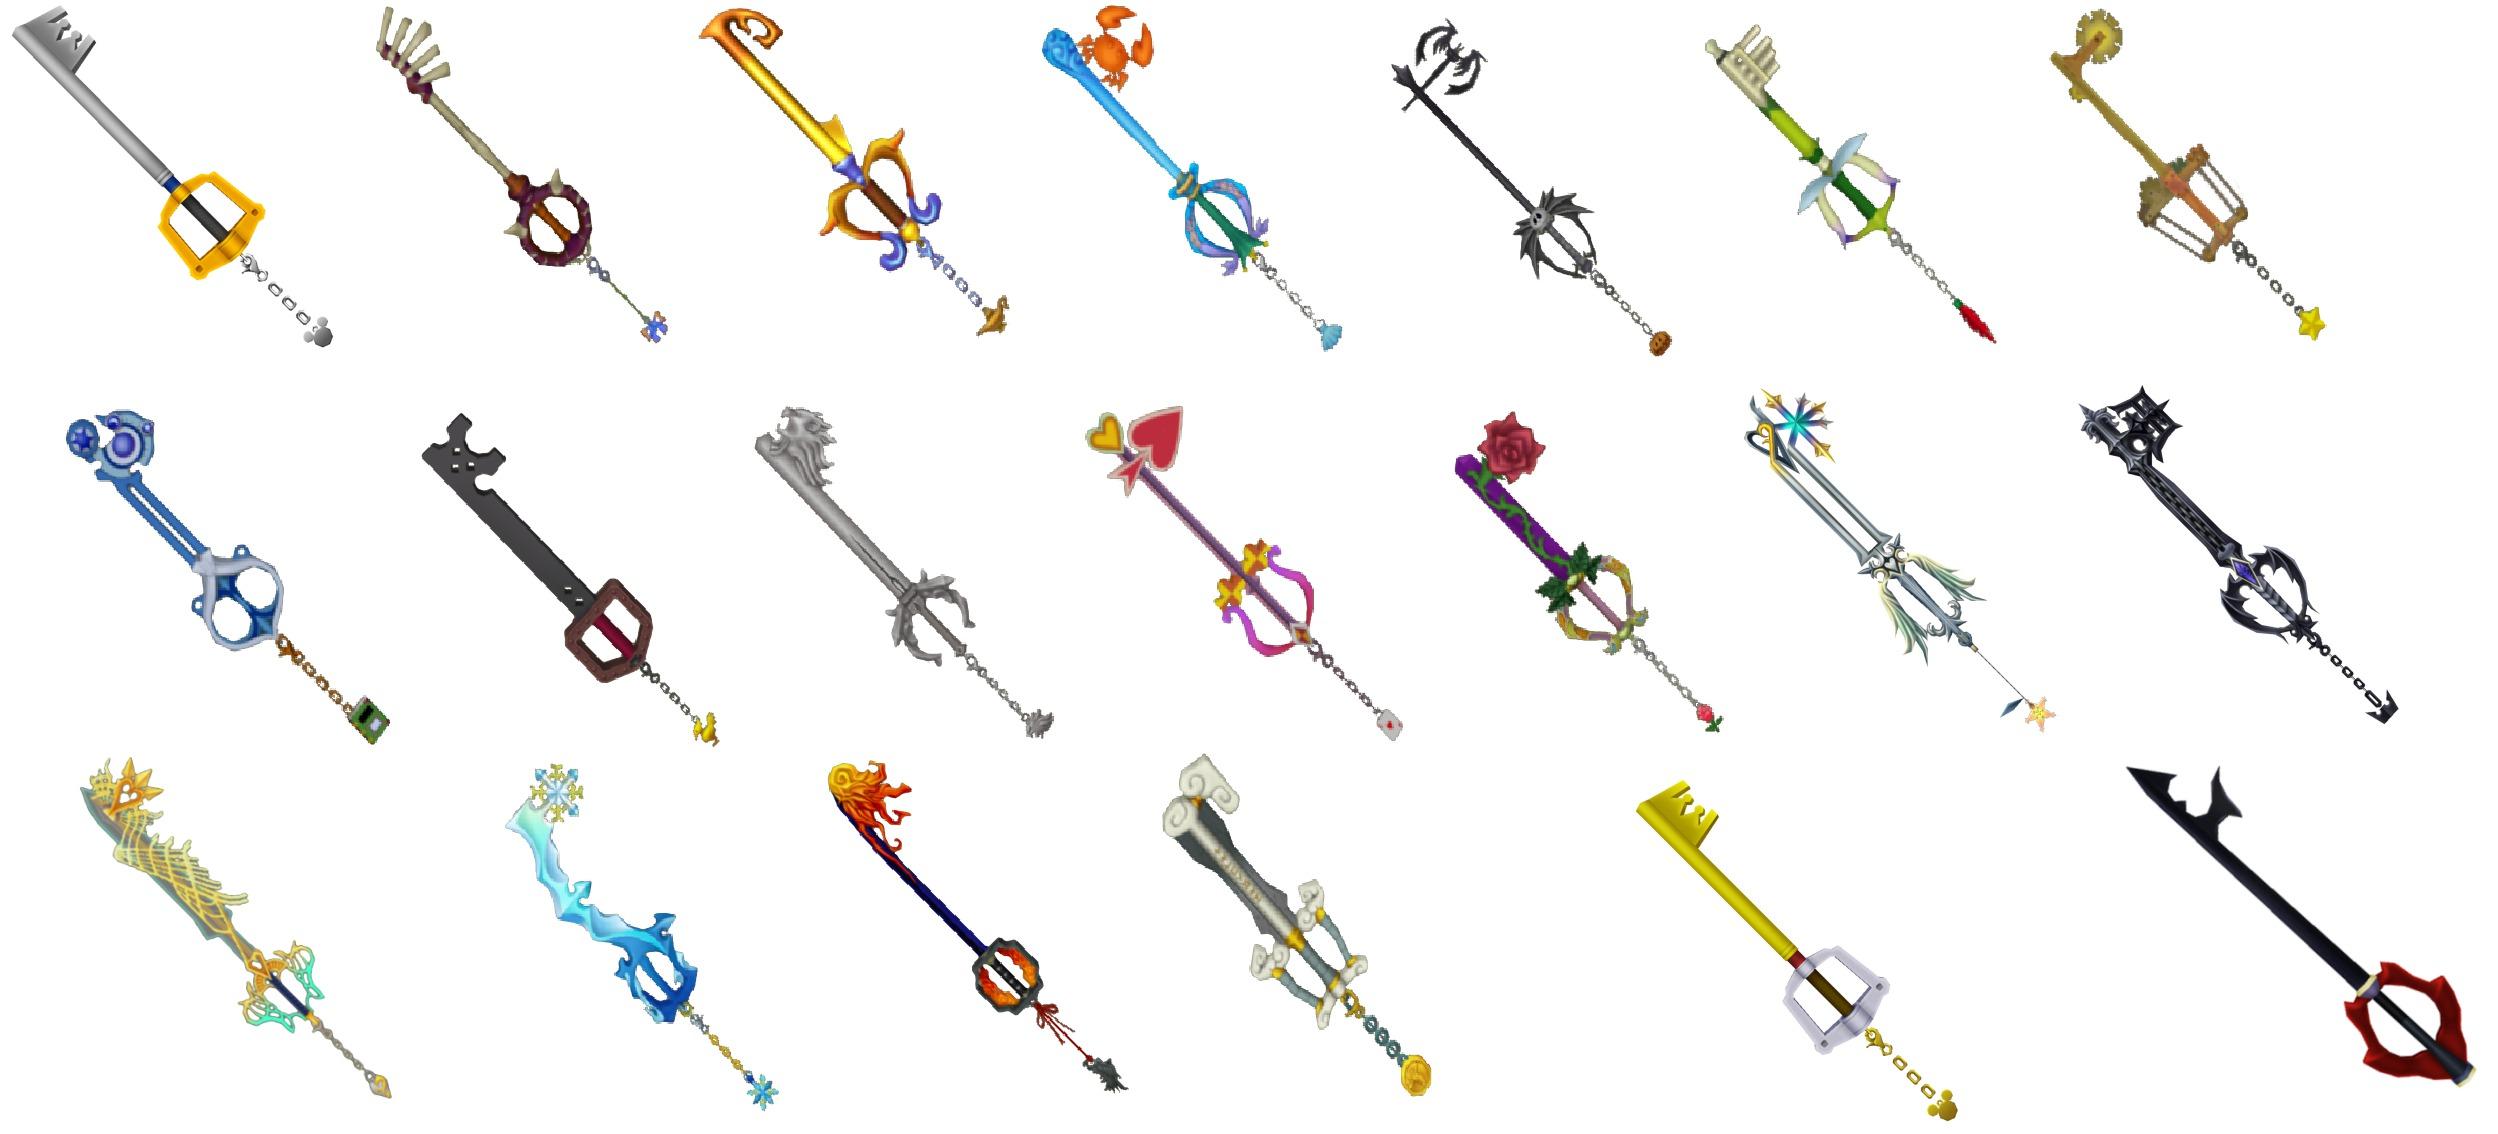 1-keyblade-many-keychains.jpg